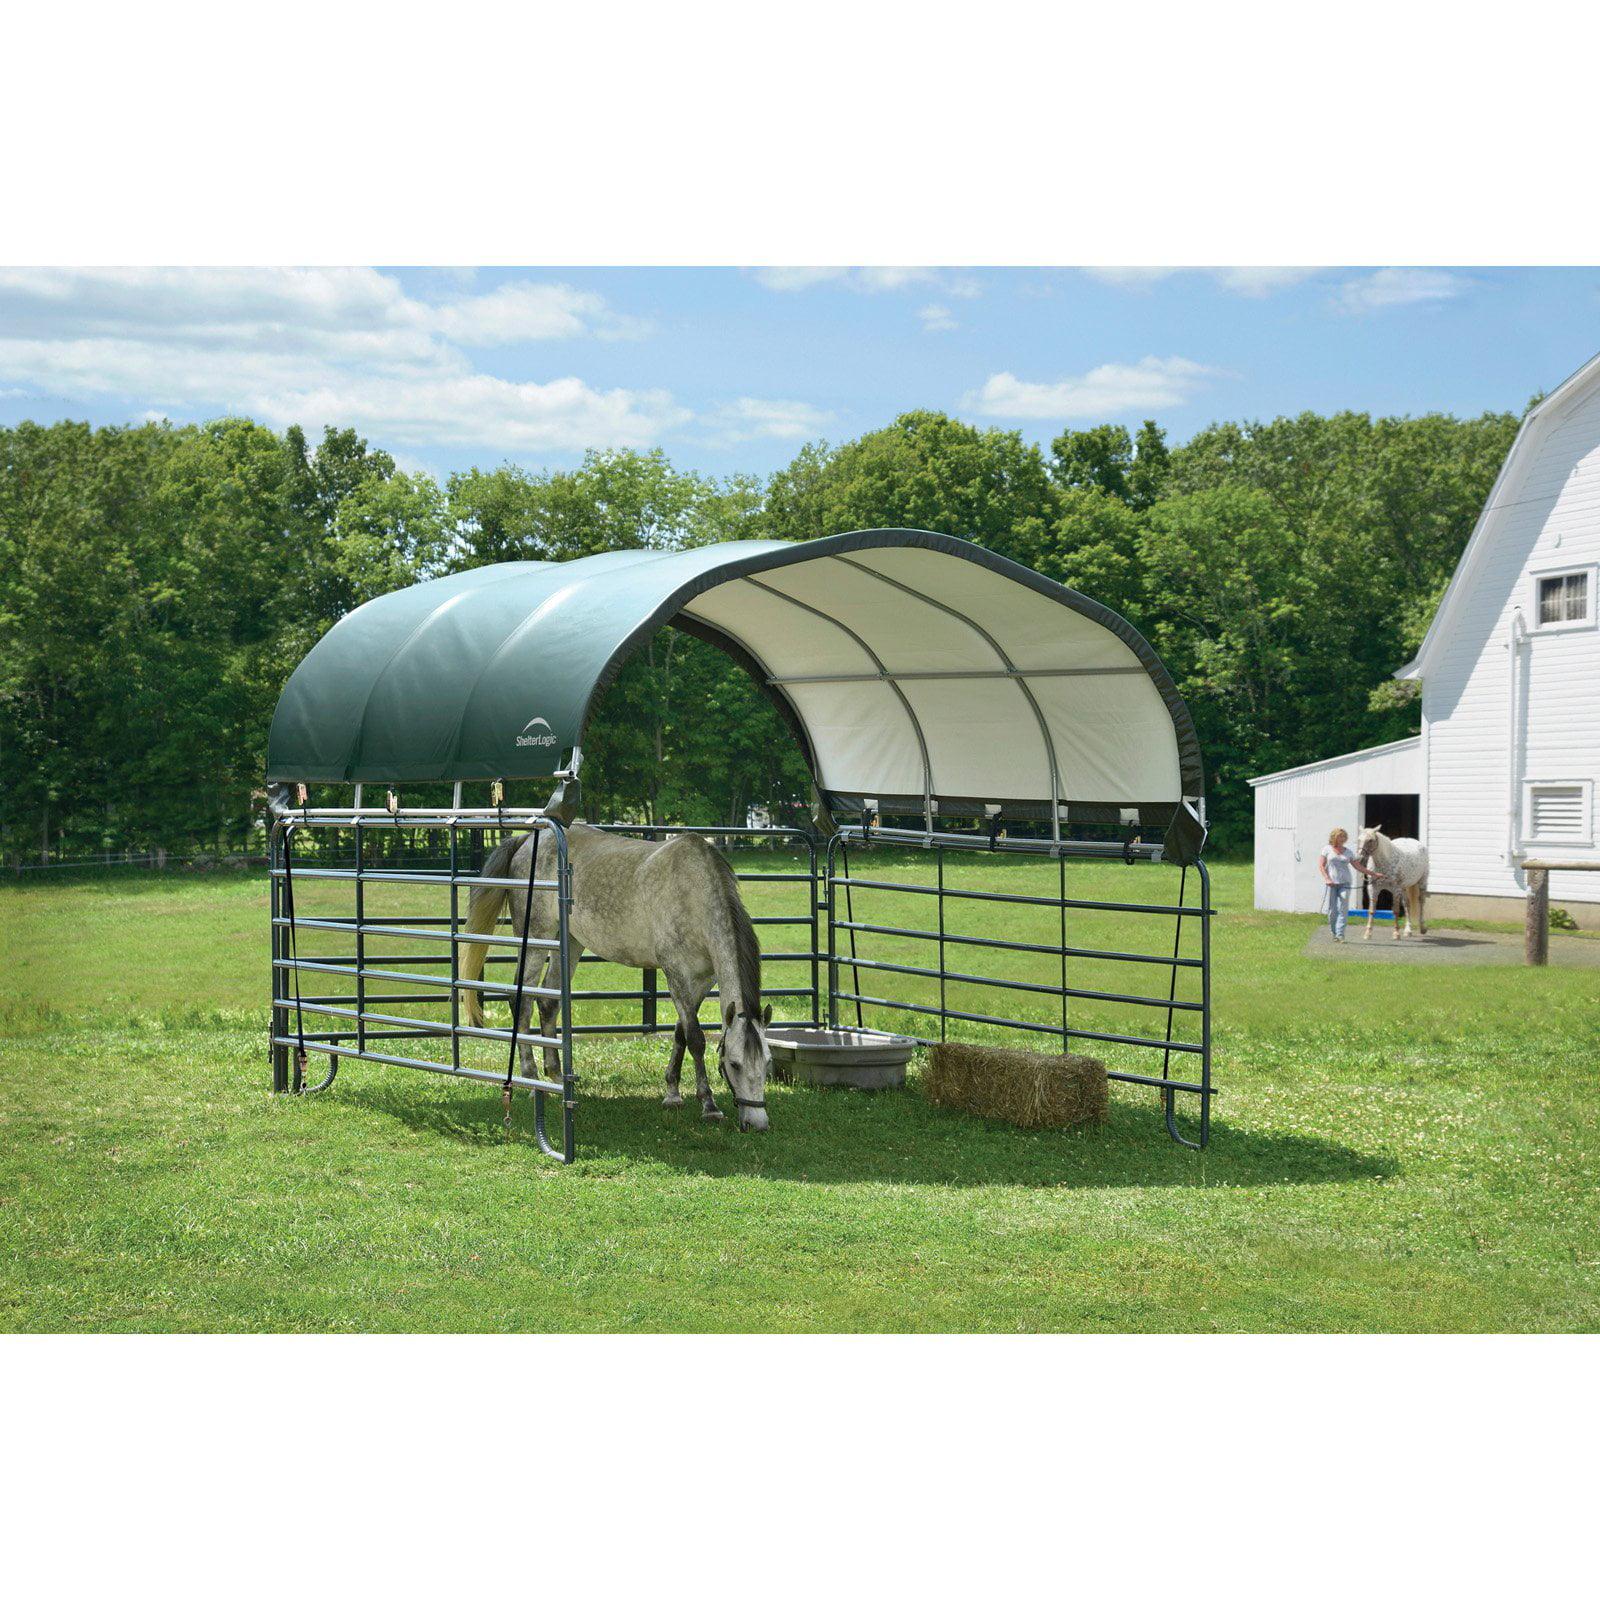 ShelterLogic Corral 12 x 12 ft. Shelter Green by ShelterLogic